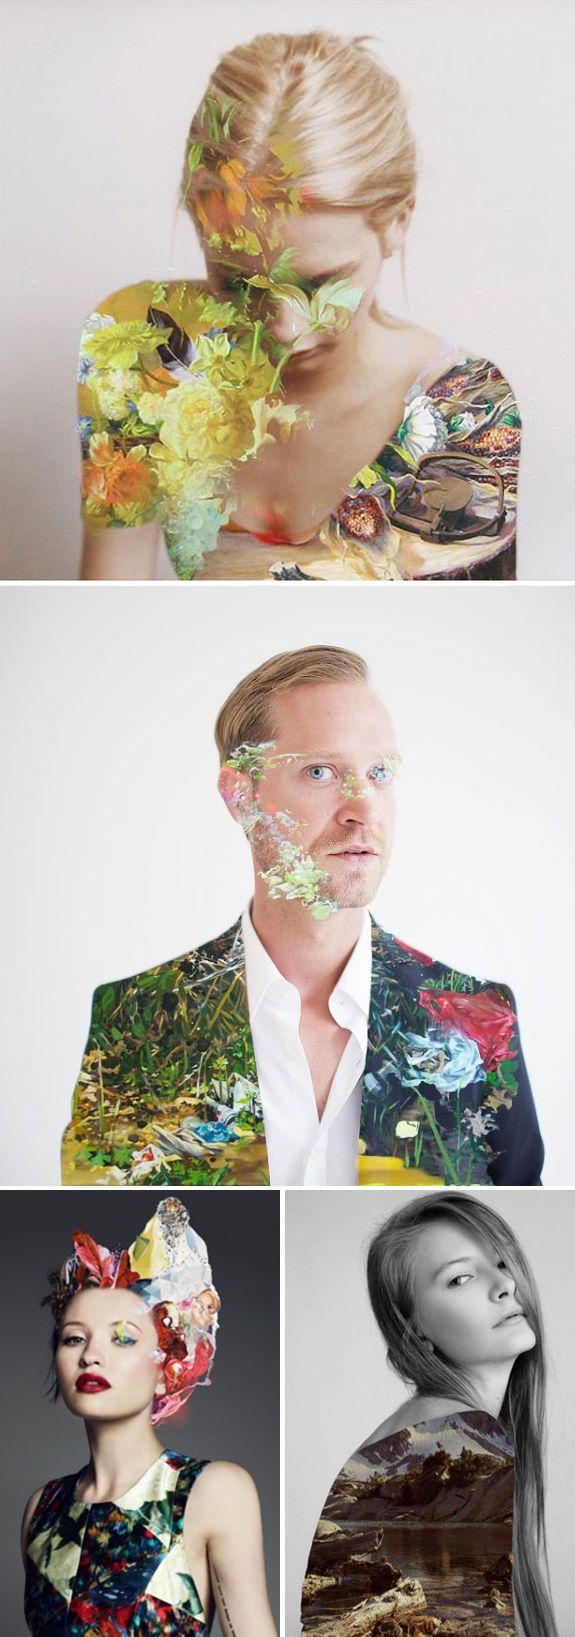 As colagens do web developer Matt Wisniewski, em fusões entre fotografia, ilustração e moda.